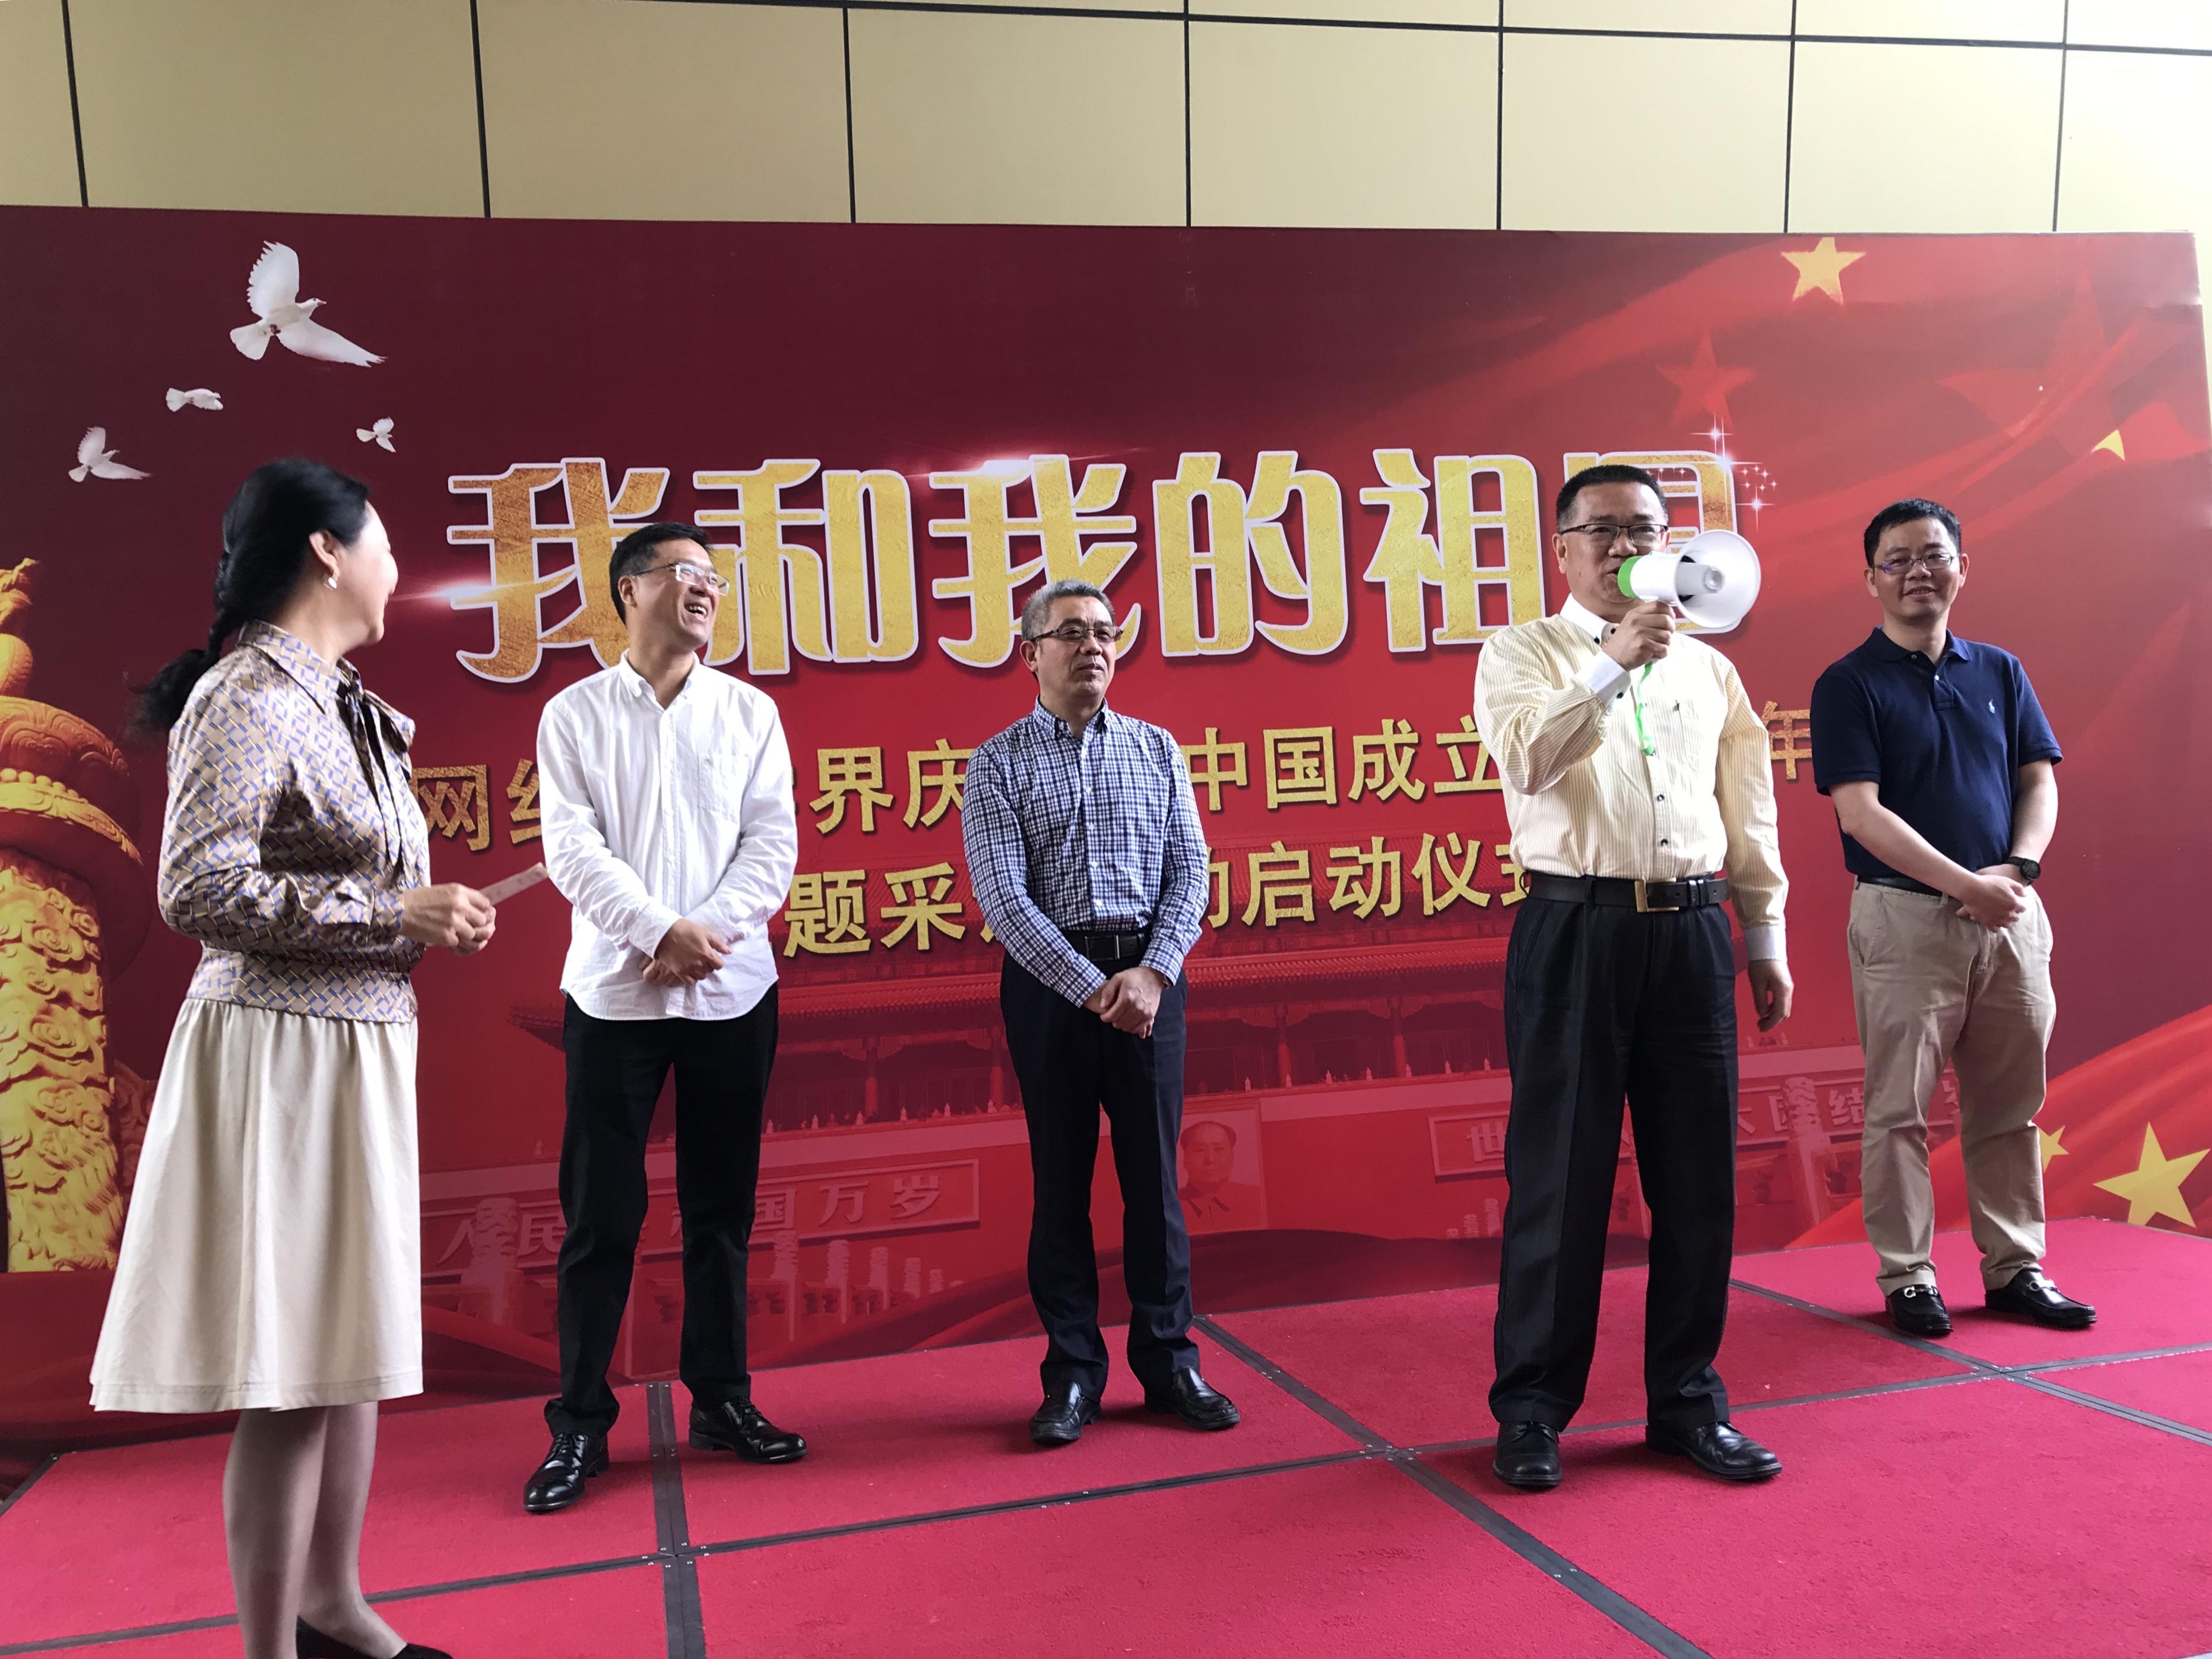 """""""我的祖国""""——网络文学界庆祝新中国成立70周年<br>系列采访活动第一站在浙江启动"""